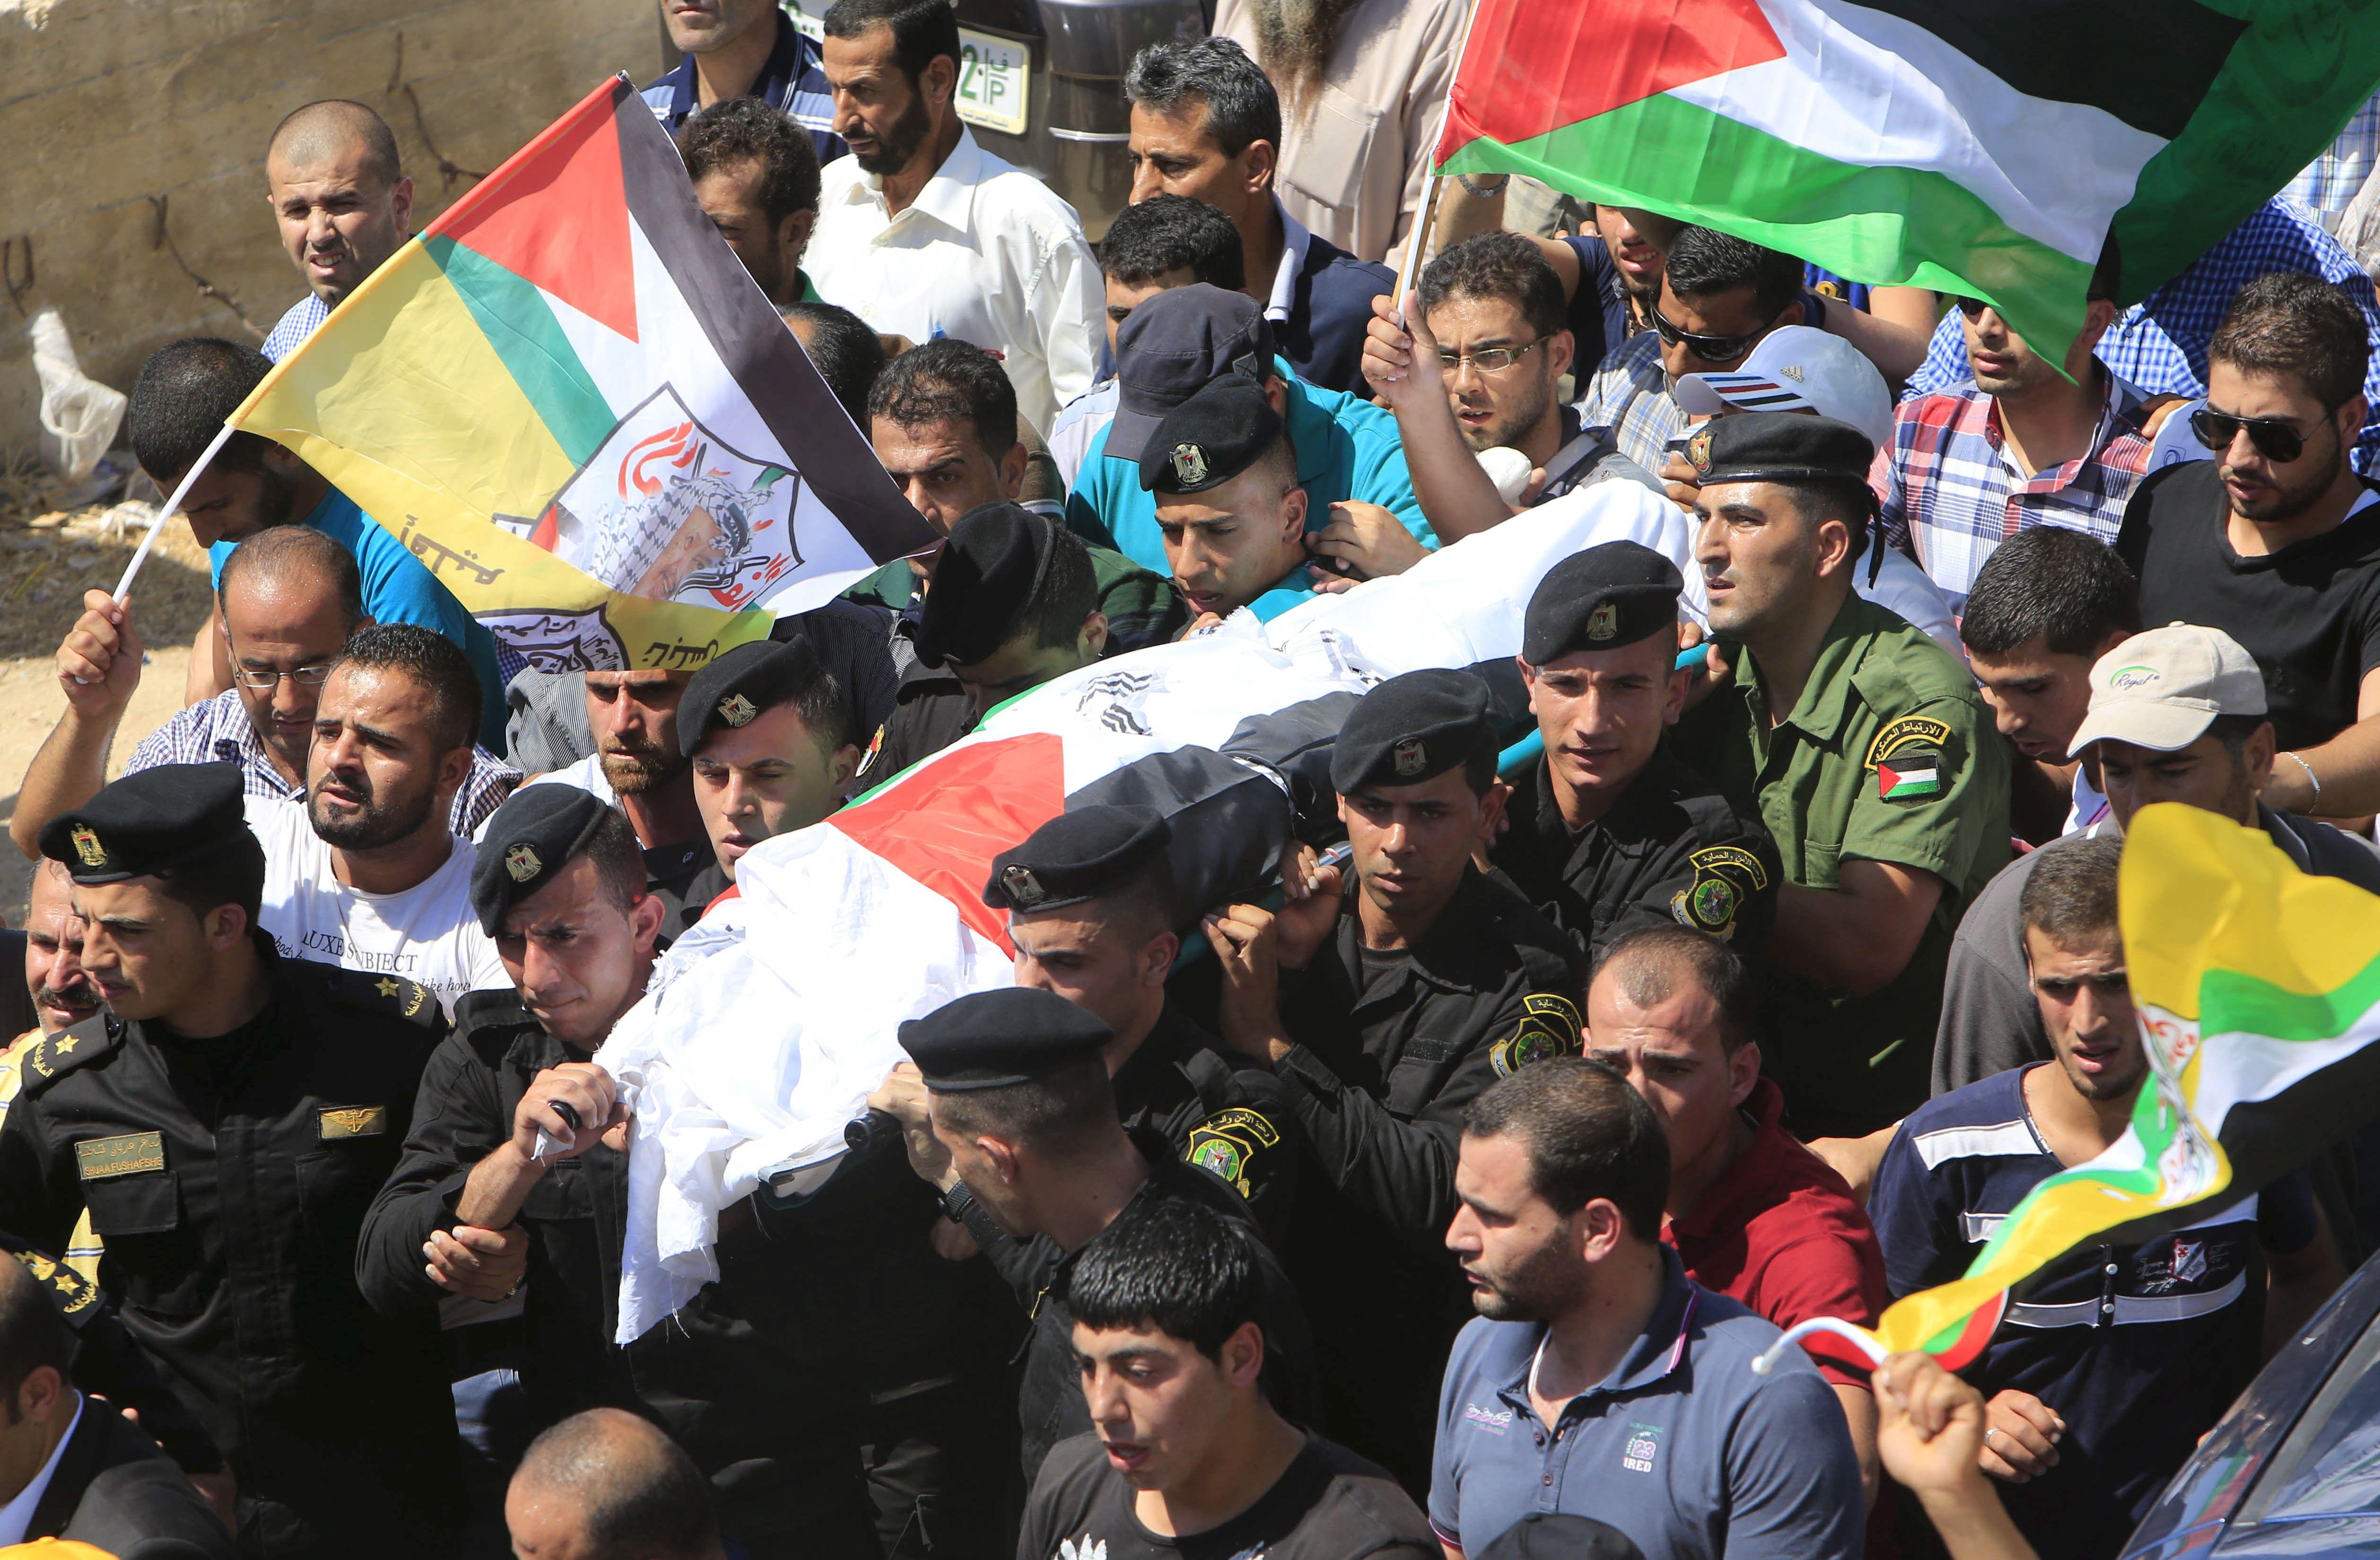 La mort de Saad Dawabsheh avait provoqué la colère des Palestiniens.